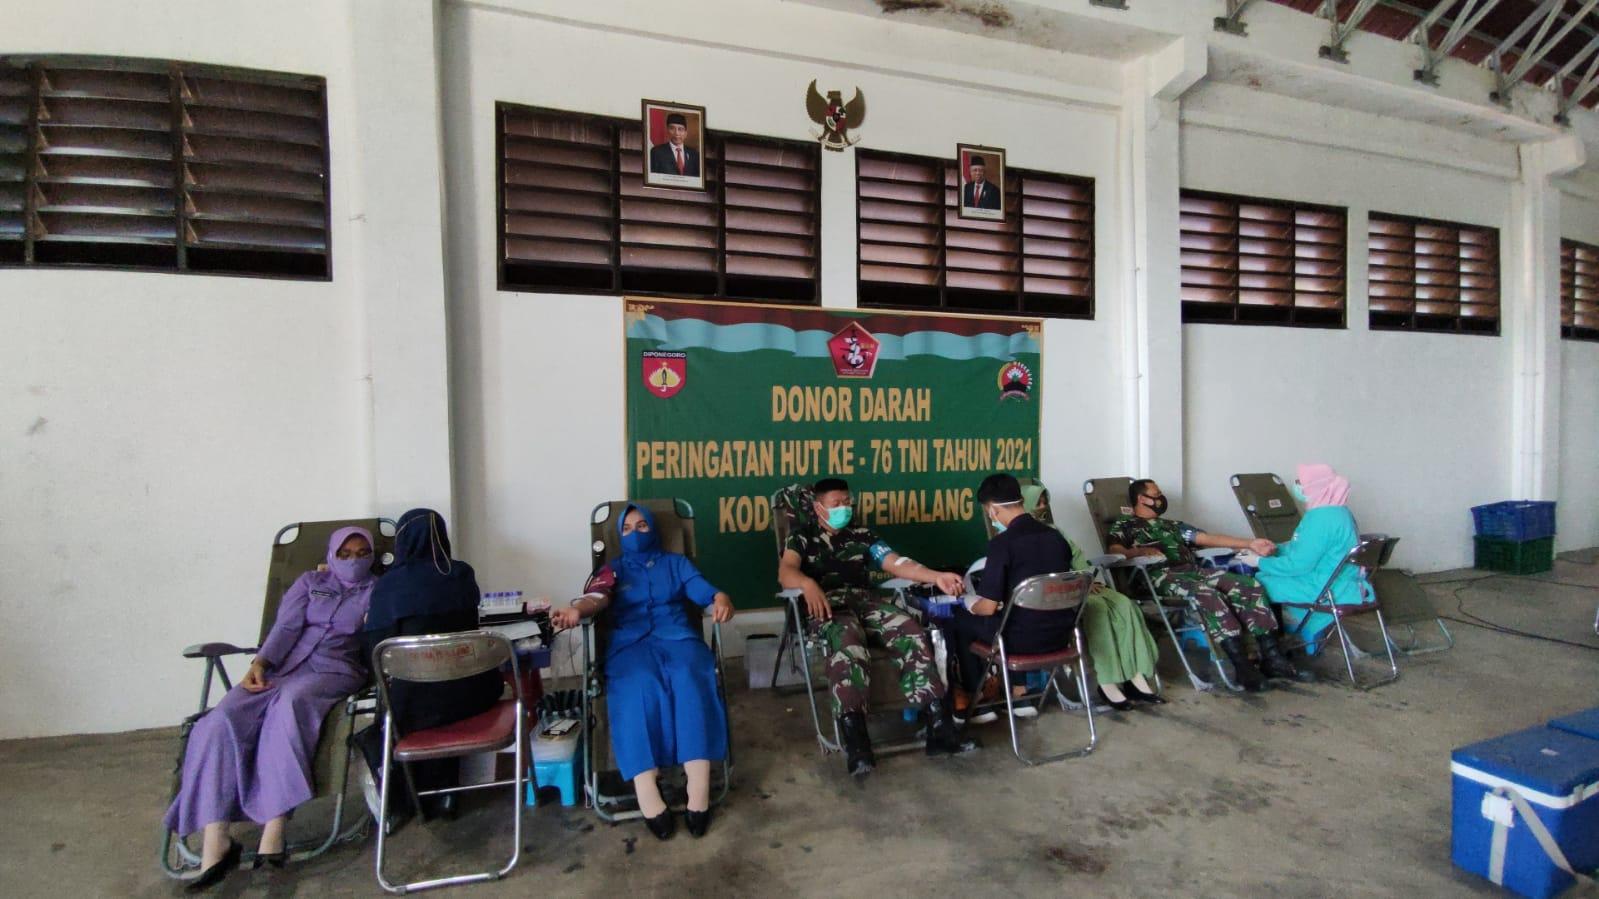 Sambut HUT TNI ke 76 Tahun 2021, Kodim Pemalang Gelar Baksos Donor Darah